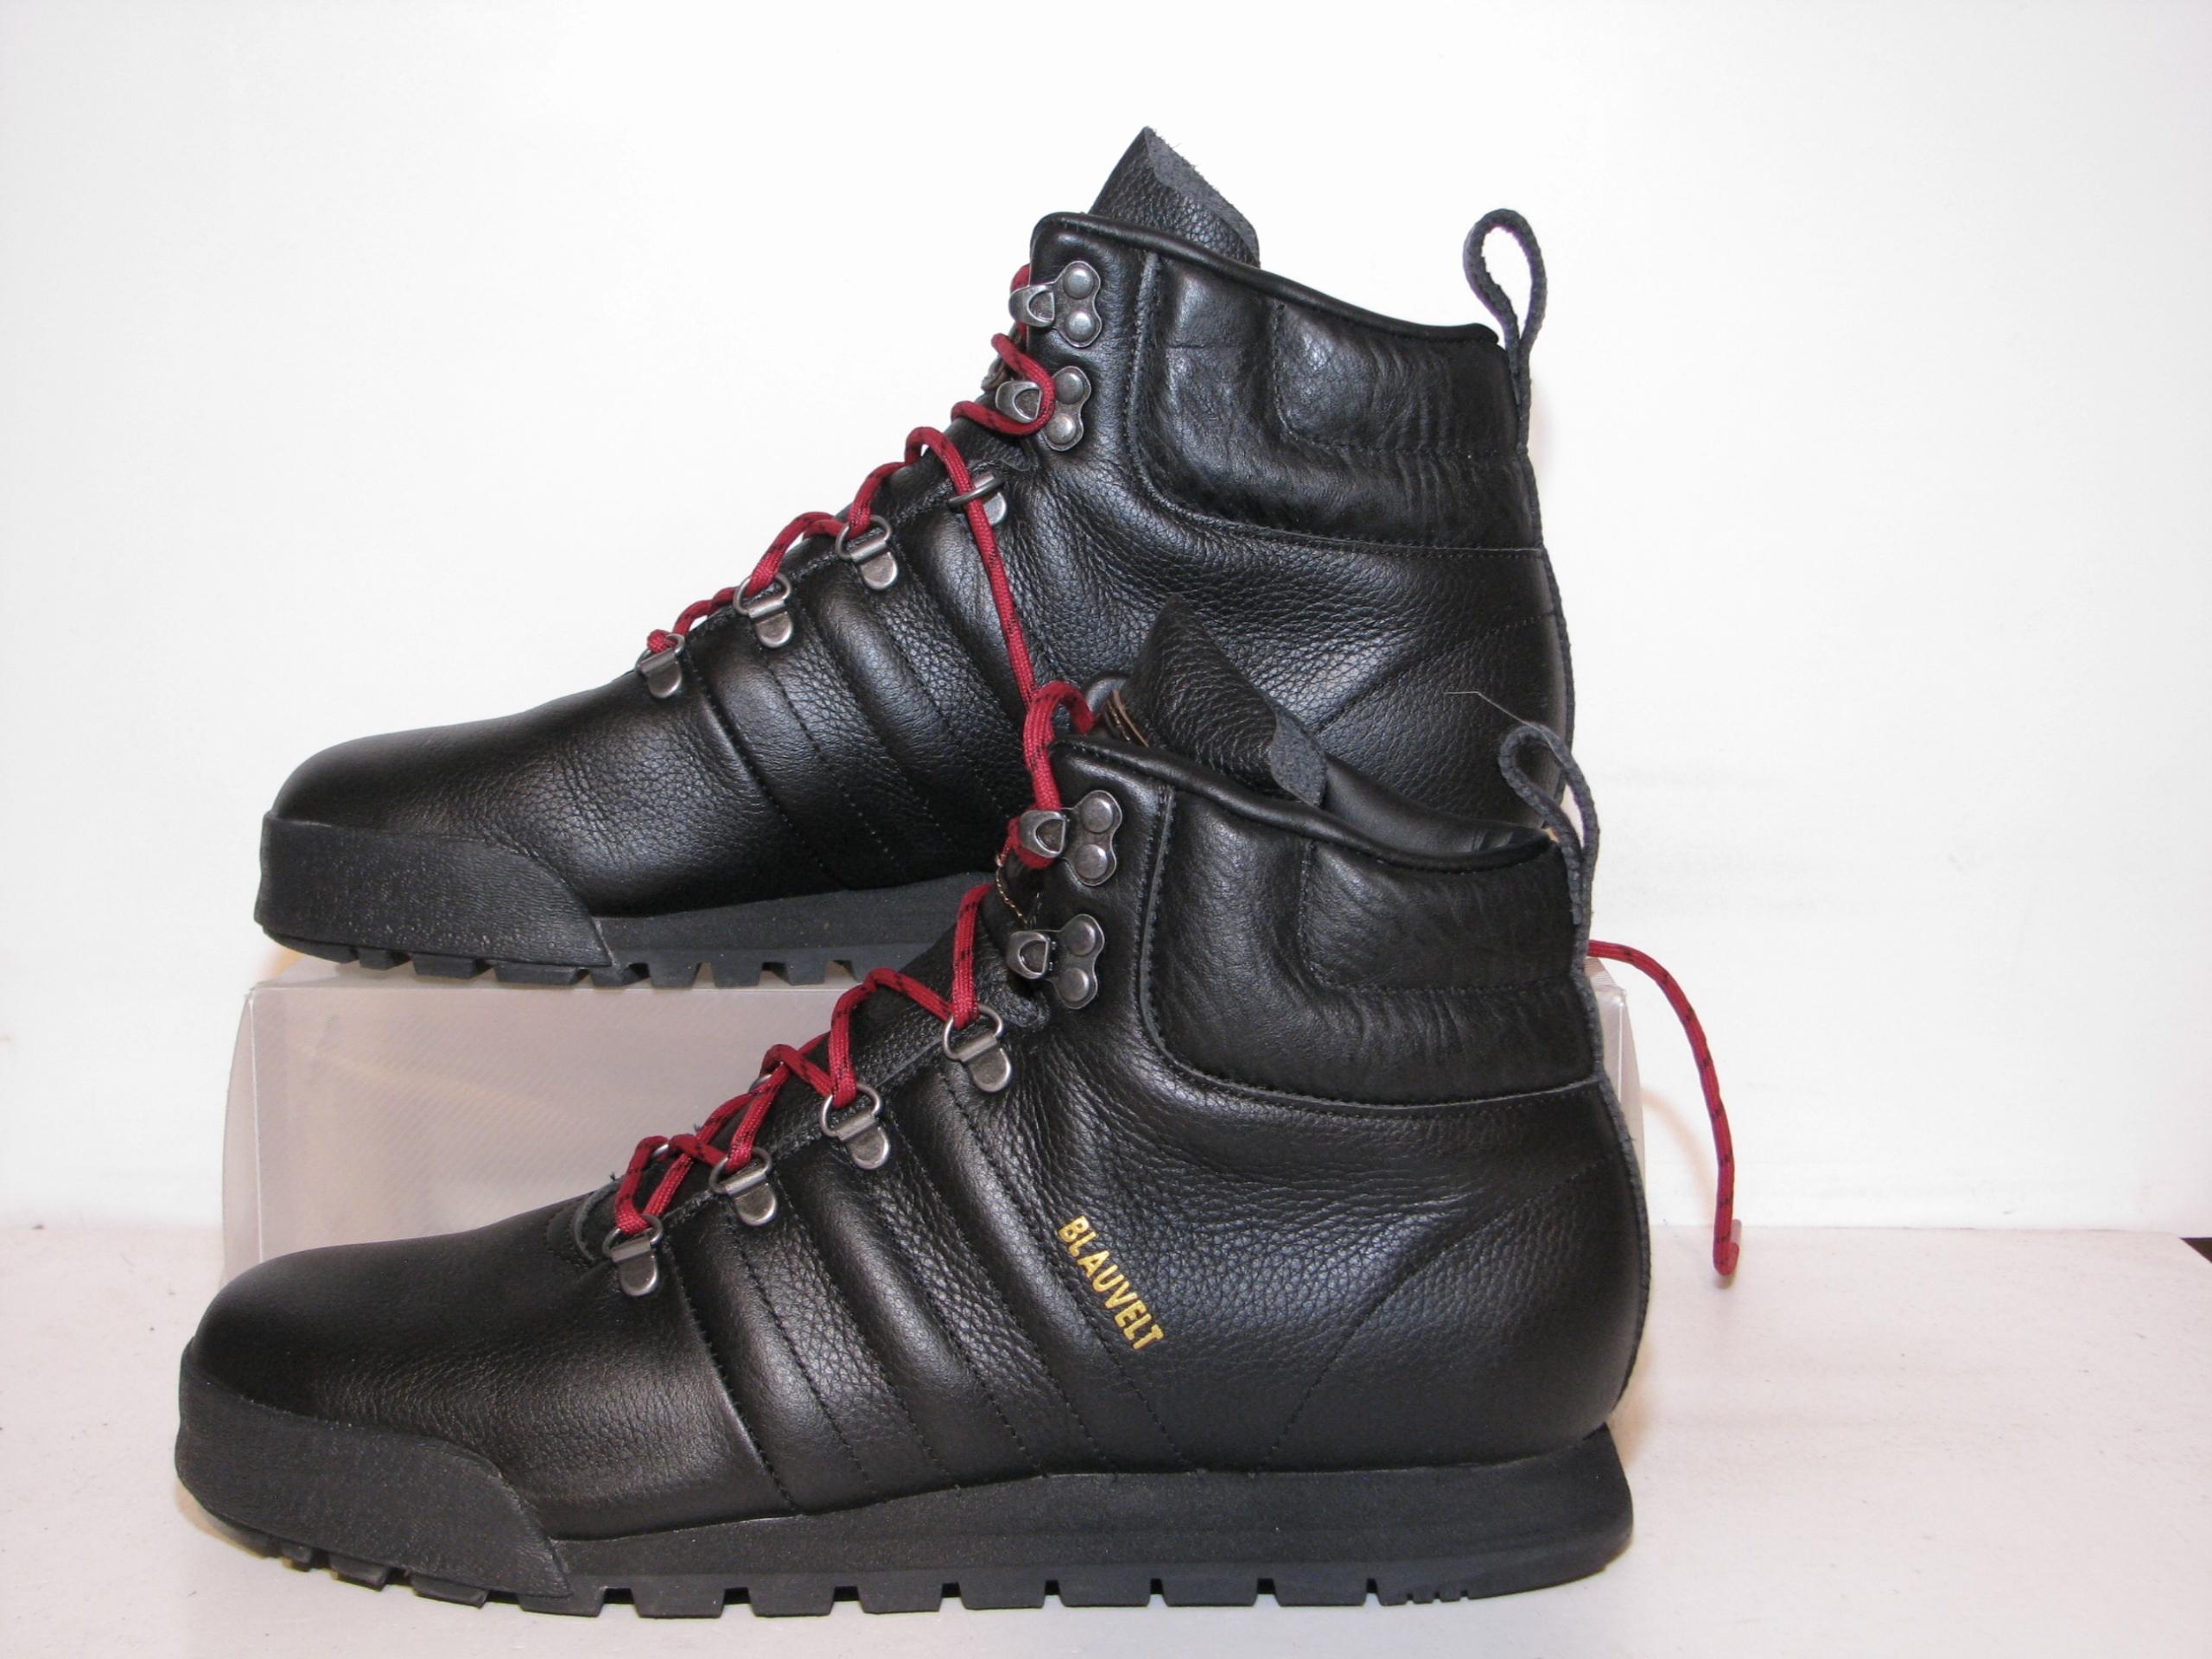 Buty adidas TERREX FASTSHELL MI S80792 r.43 13